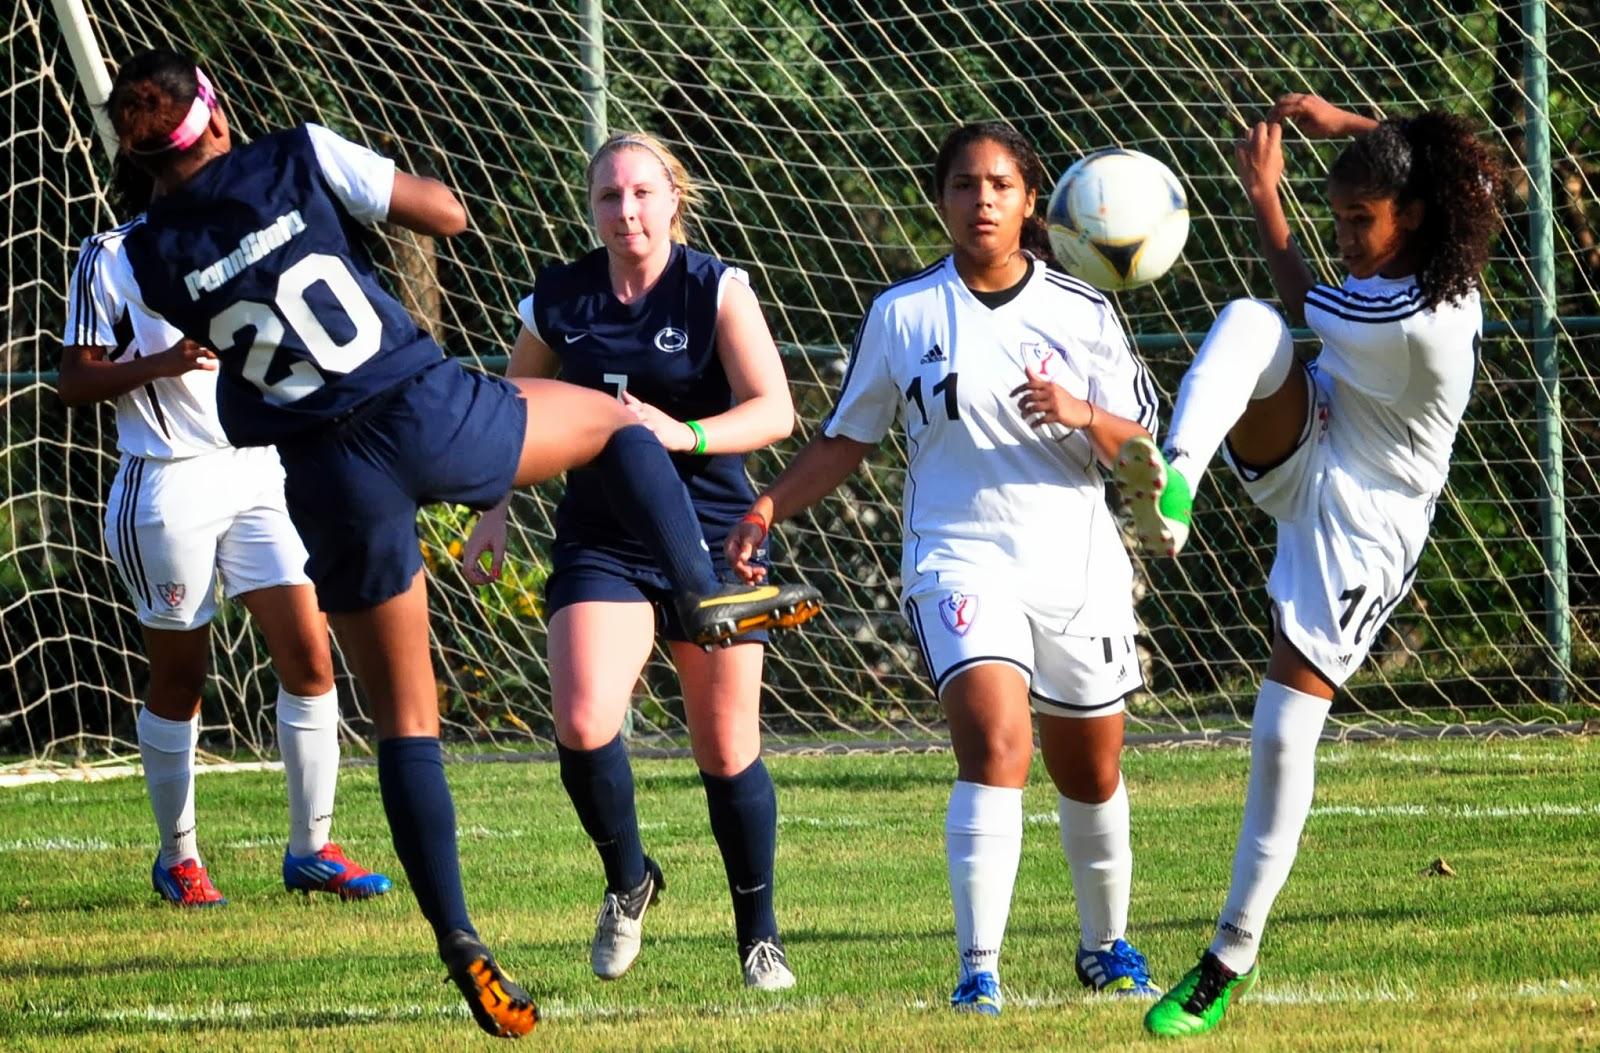 Selección nacional femenina y Penn State juegarán el miércoles segundo partido amistoso